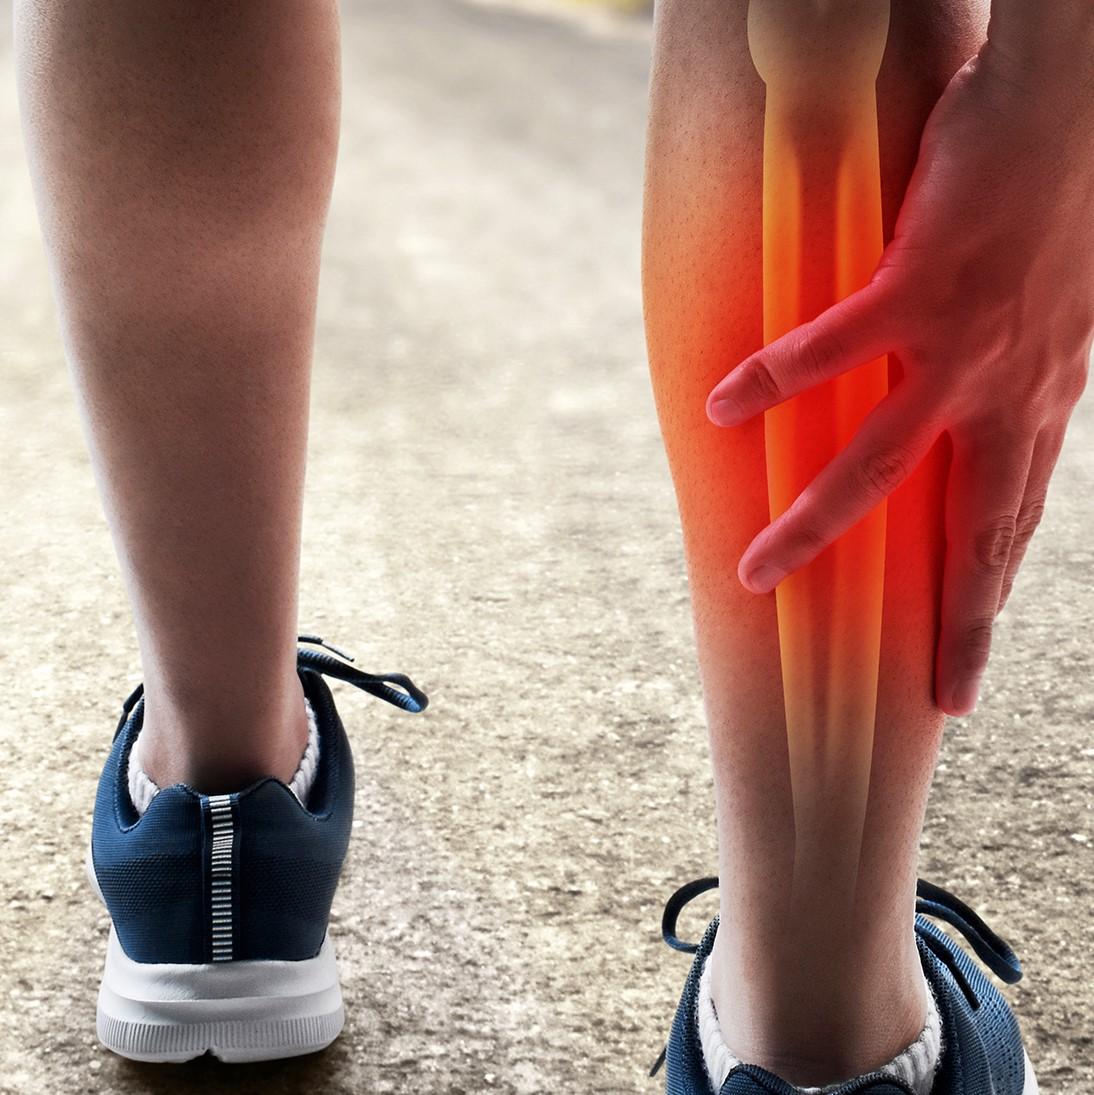 Verletzungen der Muskulatur stellen in vielen Sportarten einen der häufigsten Gründe für Trainings- und Wettkampfausfallzeiten dar.